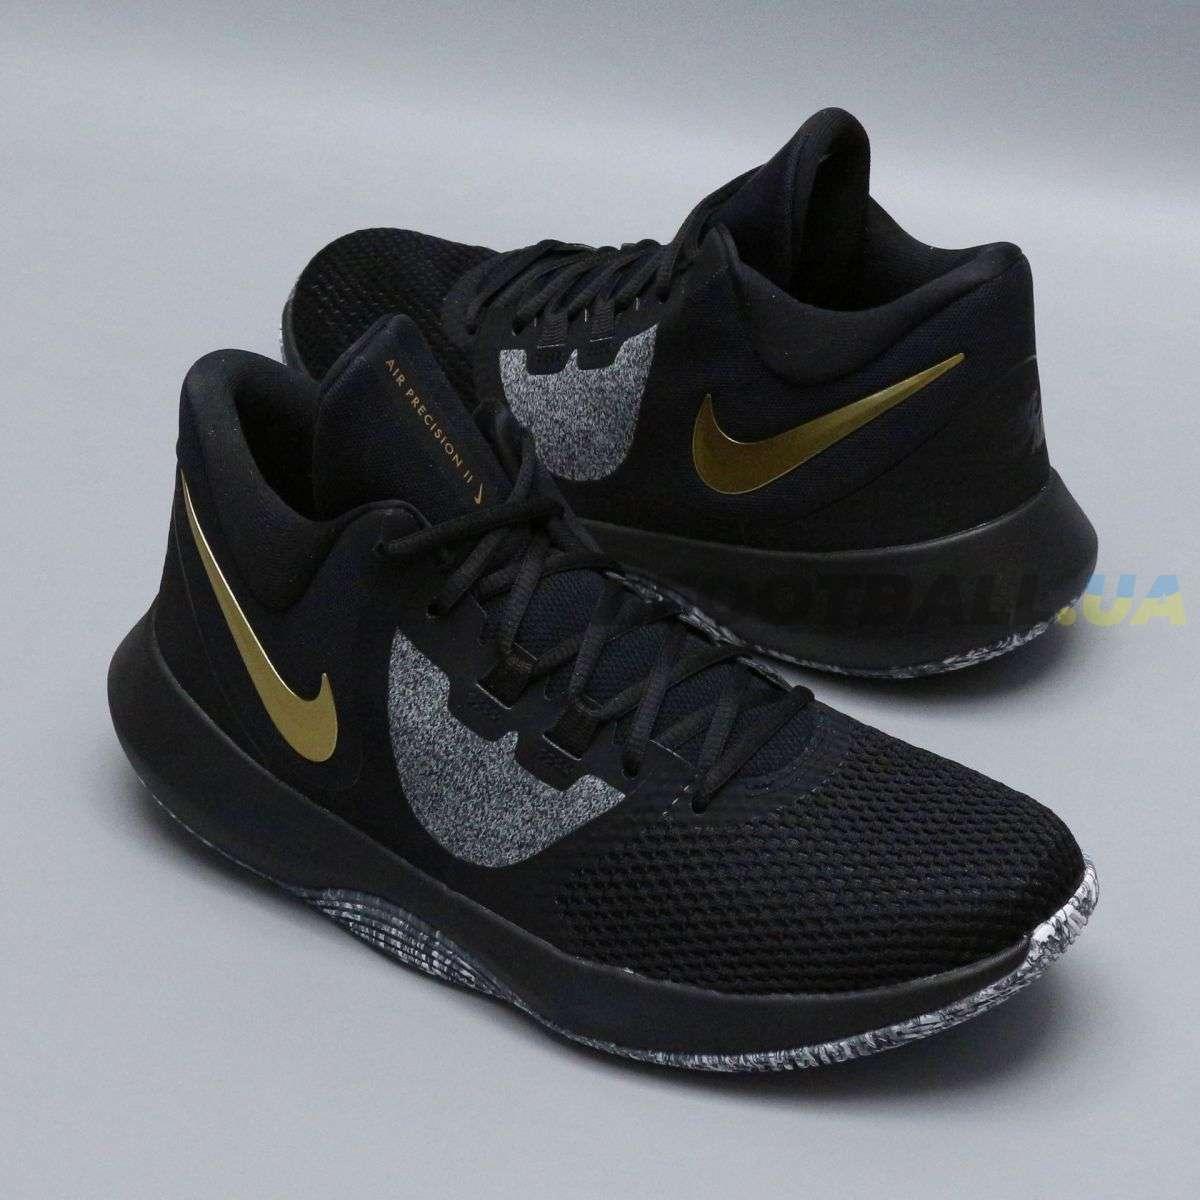 Мужские кроссовки — купить модные оригинальные спортивные фирменные ... aed99cb62ed